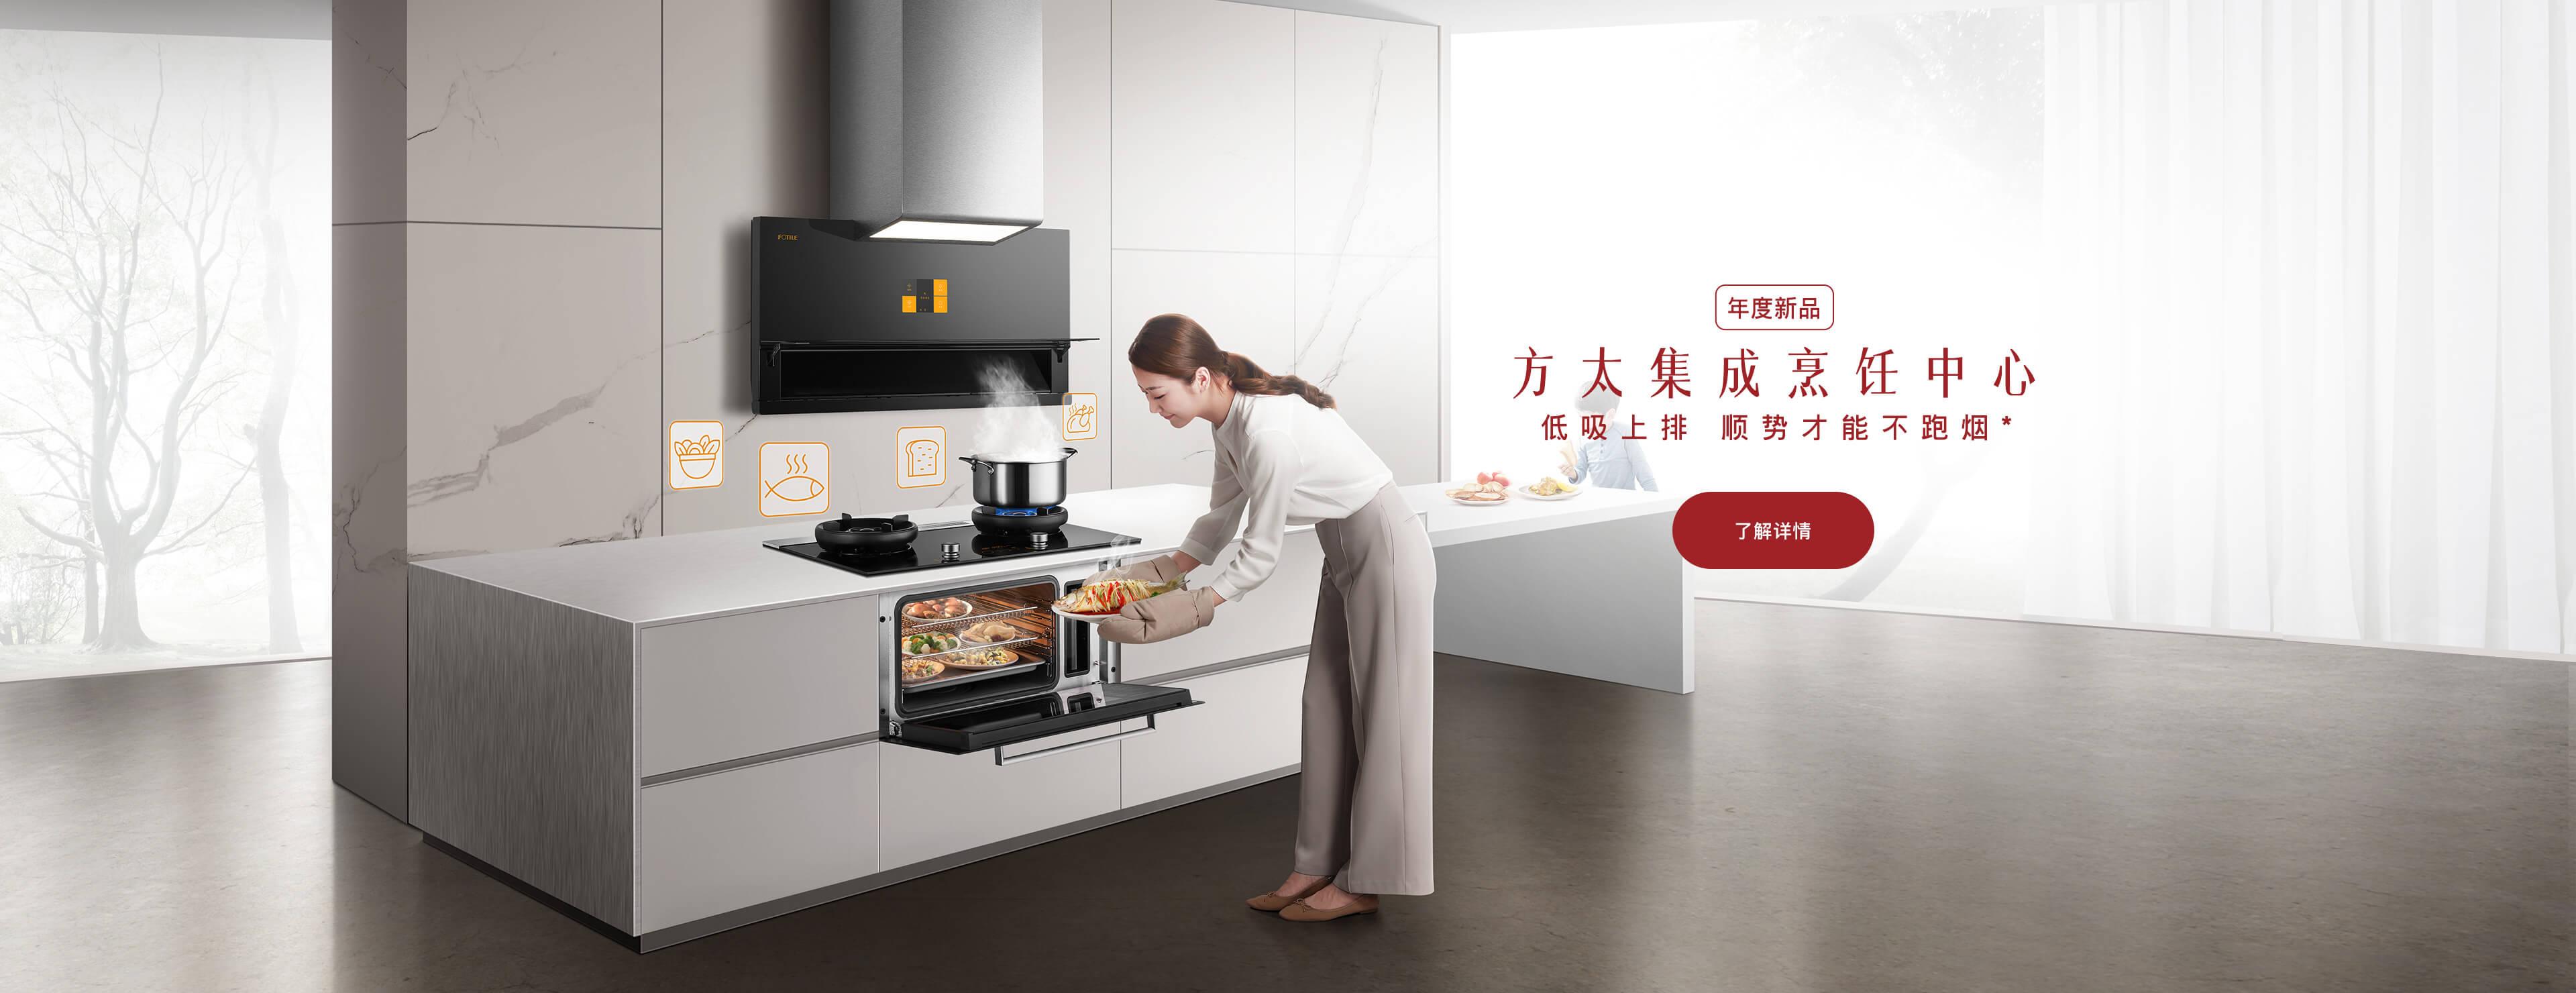 久久乐年度新品集成烹饪中心- FOTILE方太厨房电器官方网站